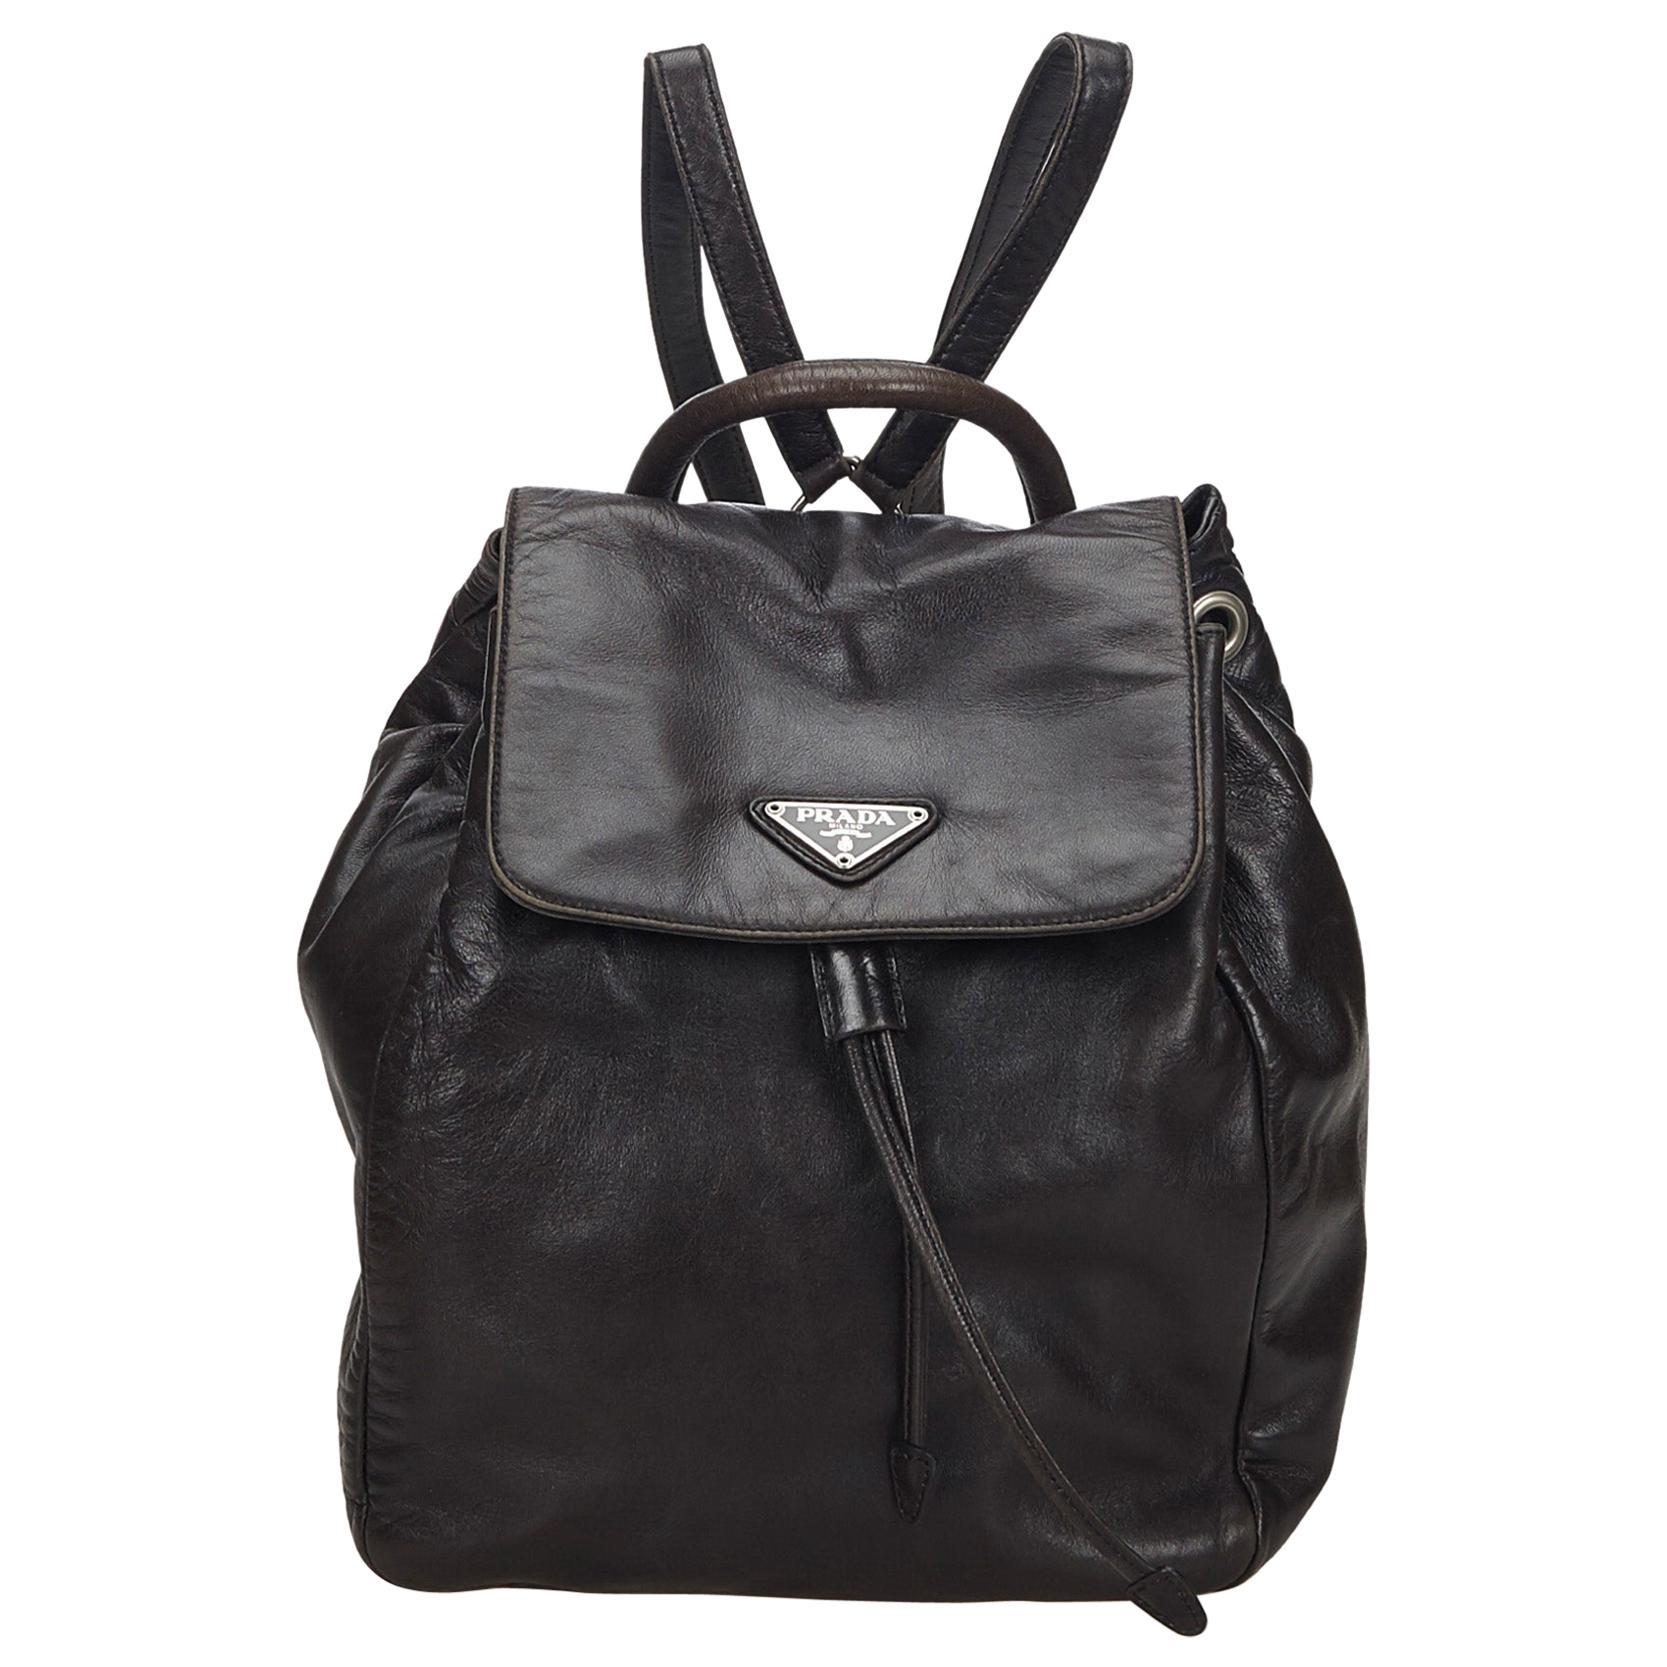 Prada Vintage 1 1stdibs Purses At 429 And Sale Handbags For 2HEID9